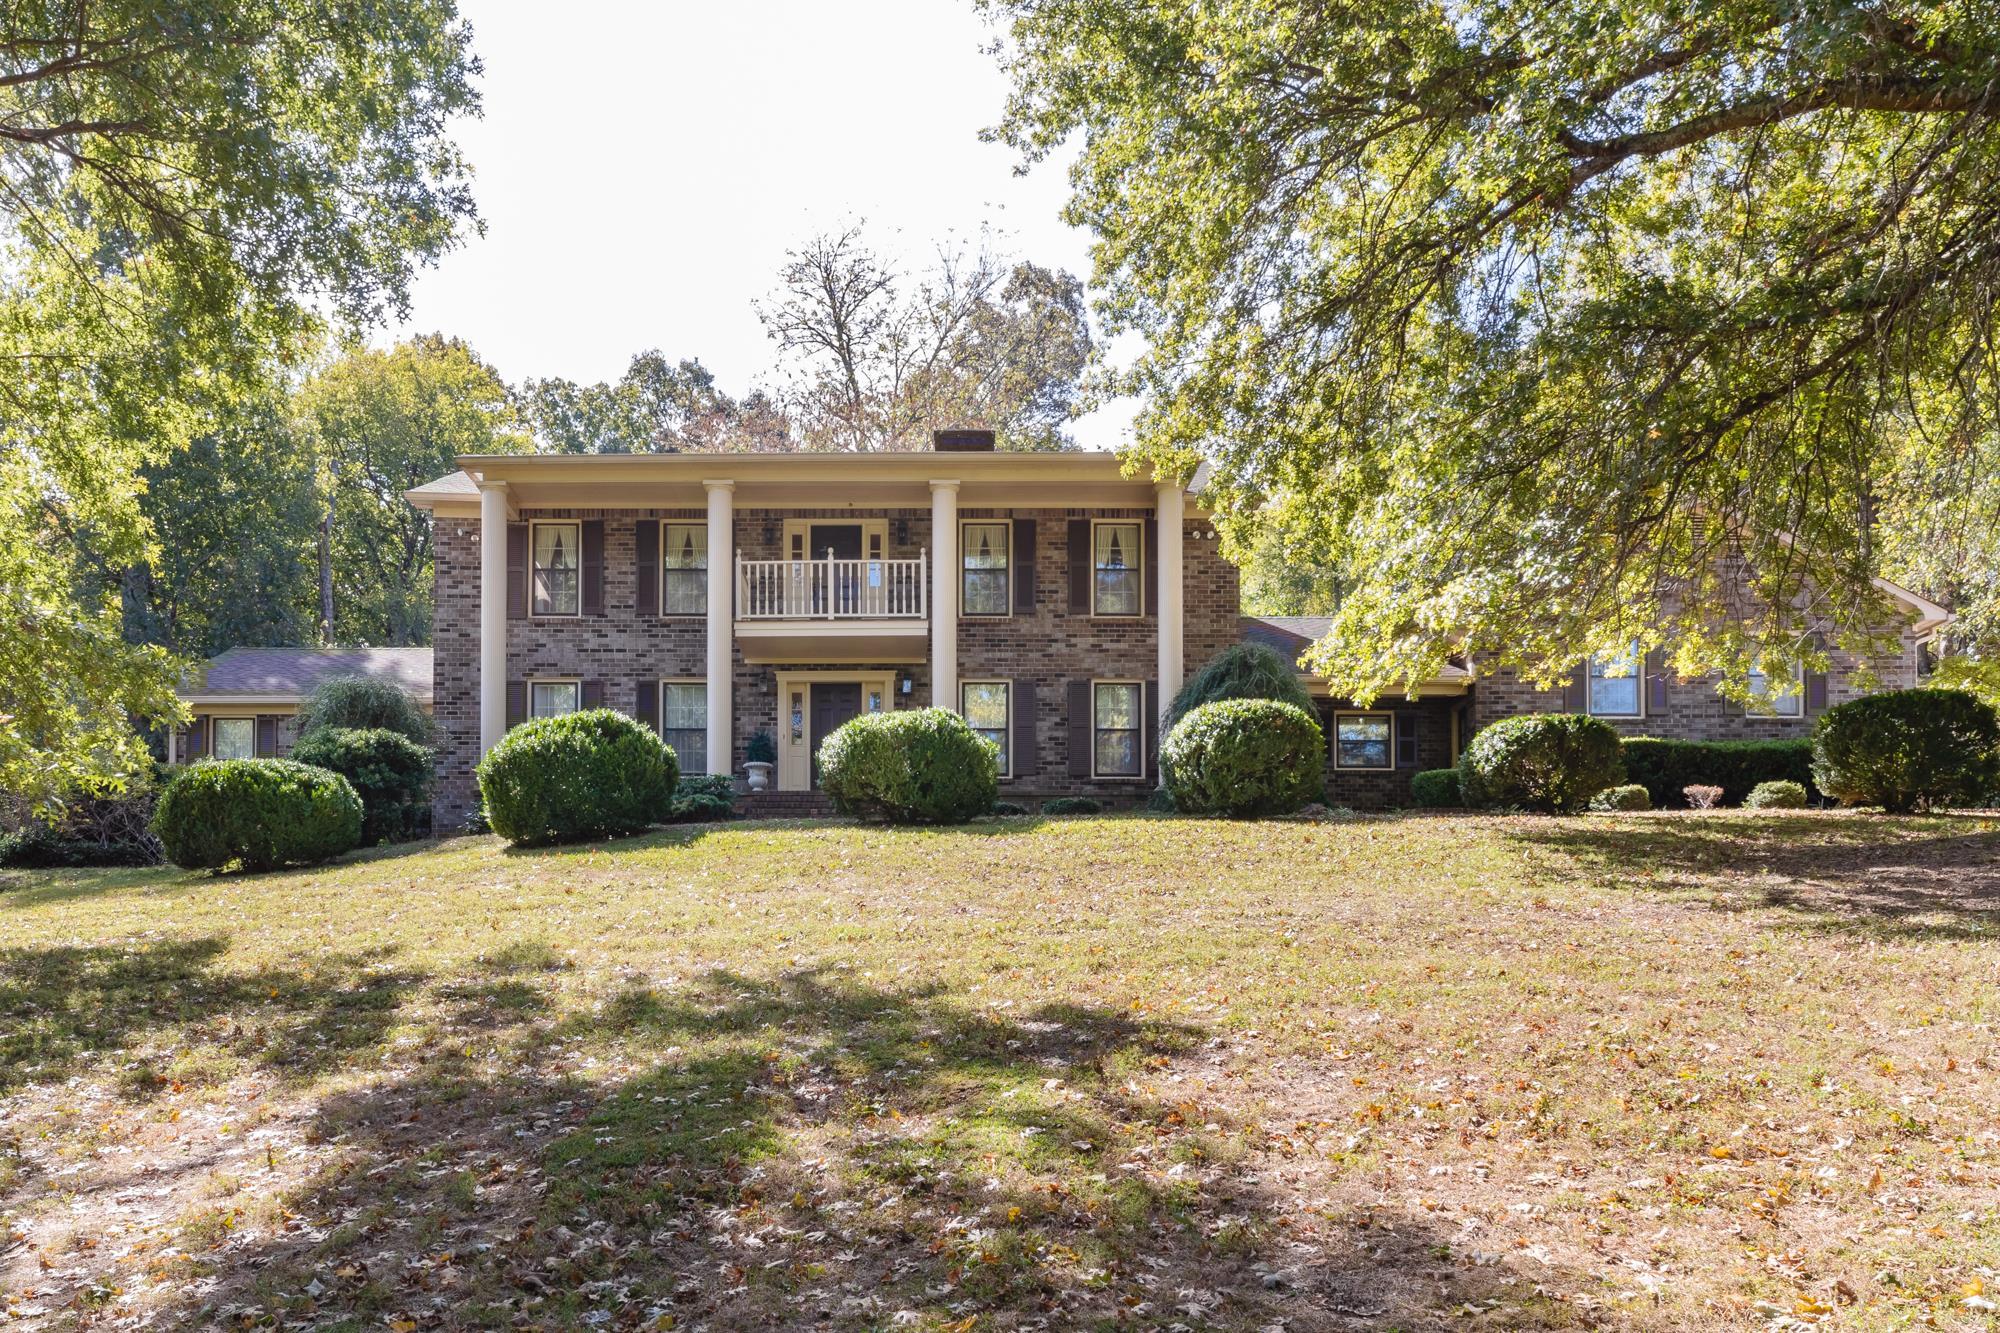 1880 Pinkston St, Lewisburg, TN 37091 - Lewisburg, TN real estate listing